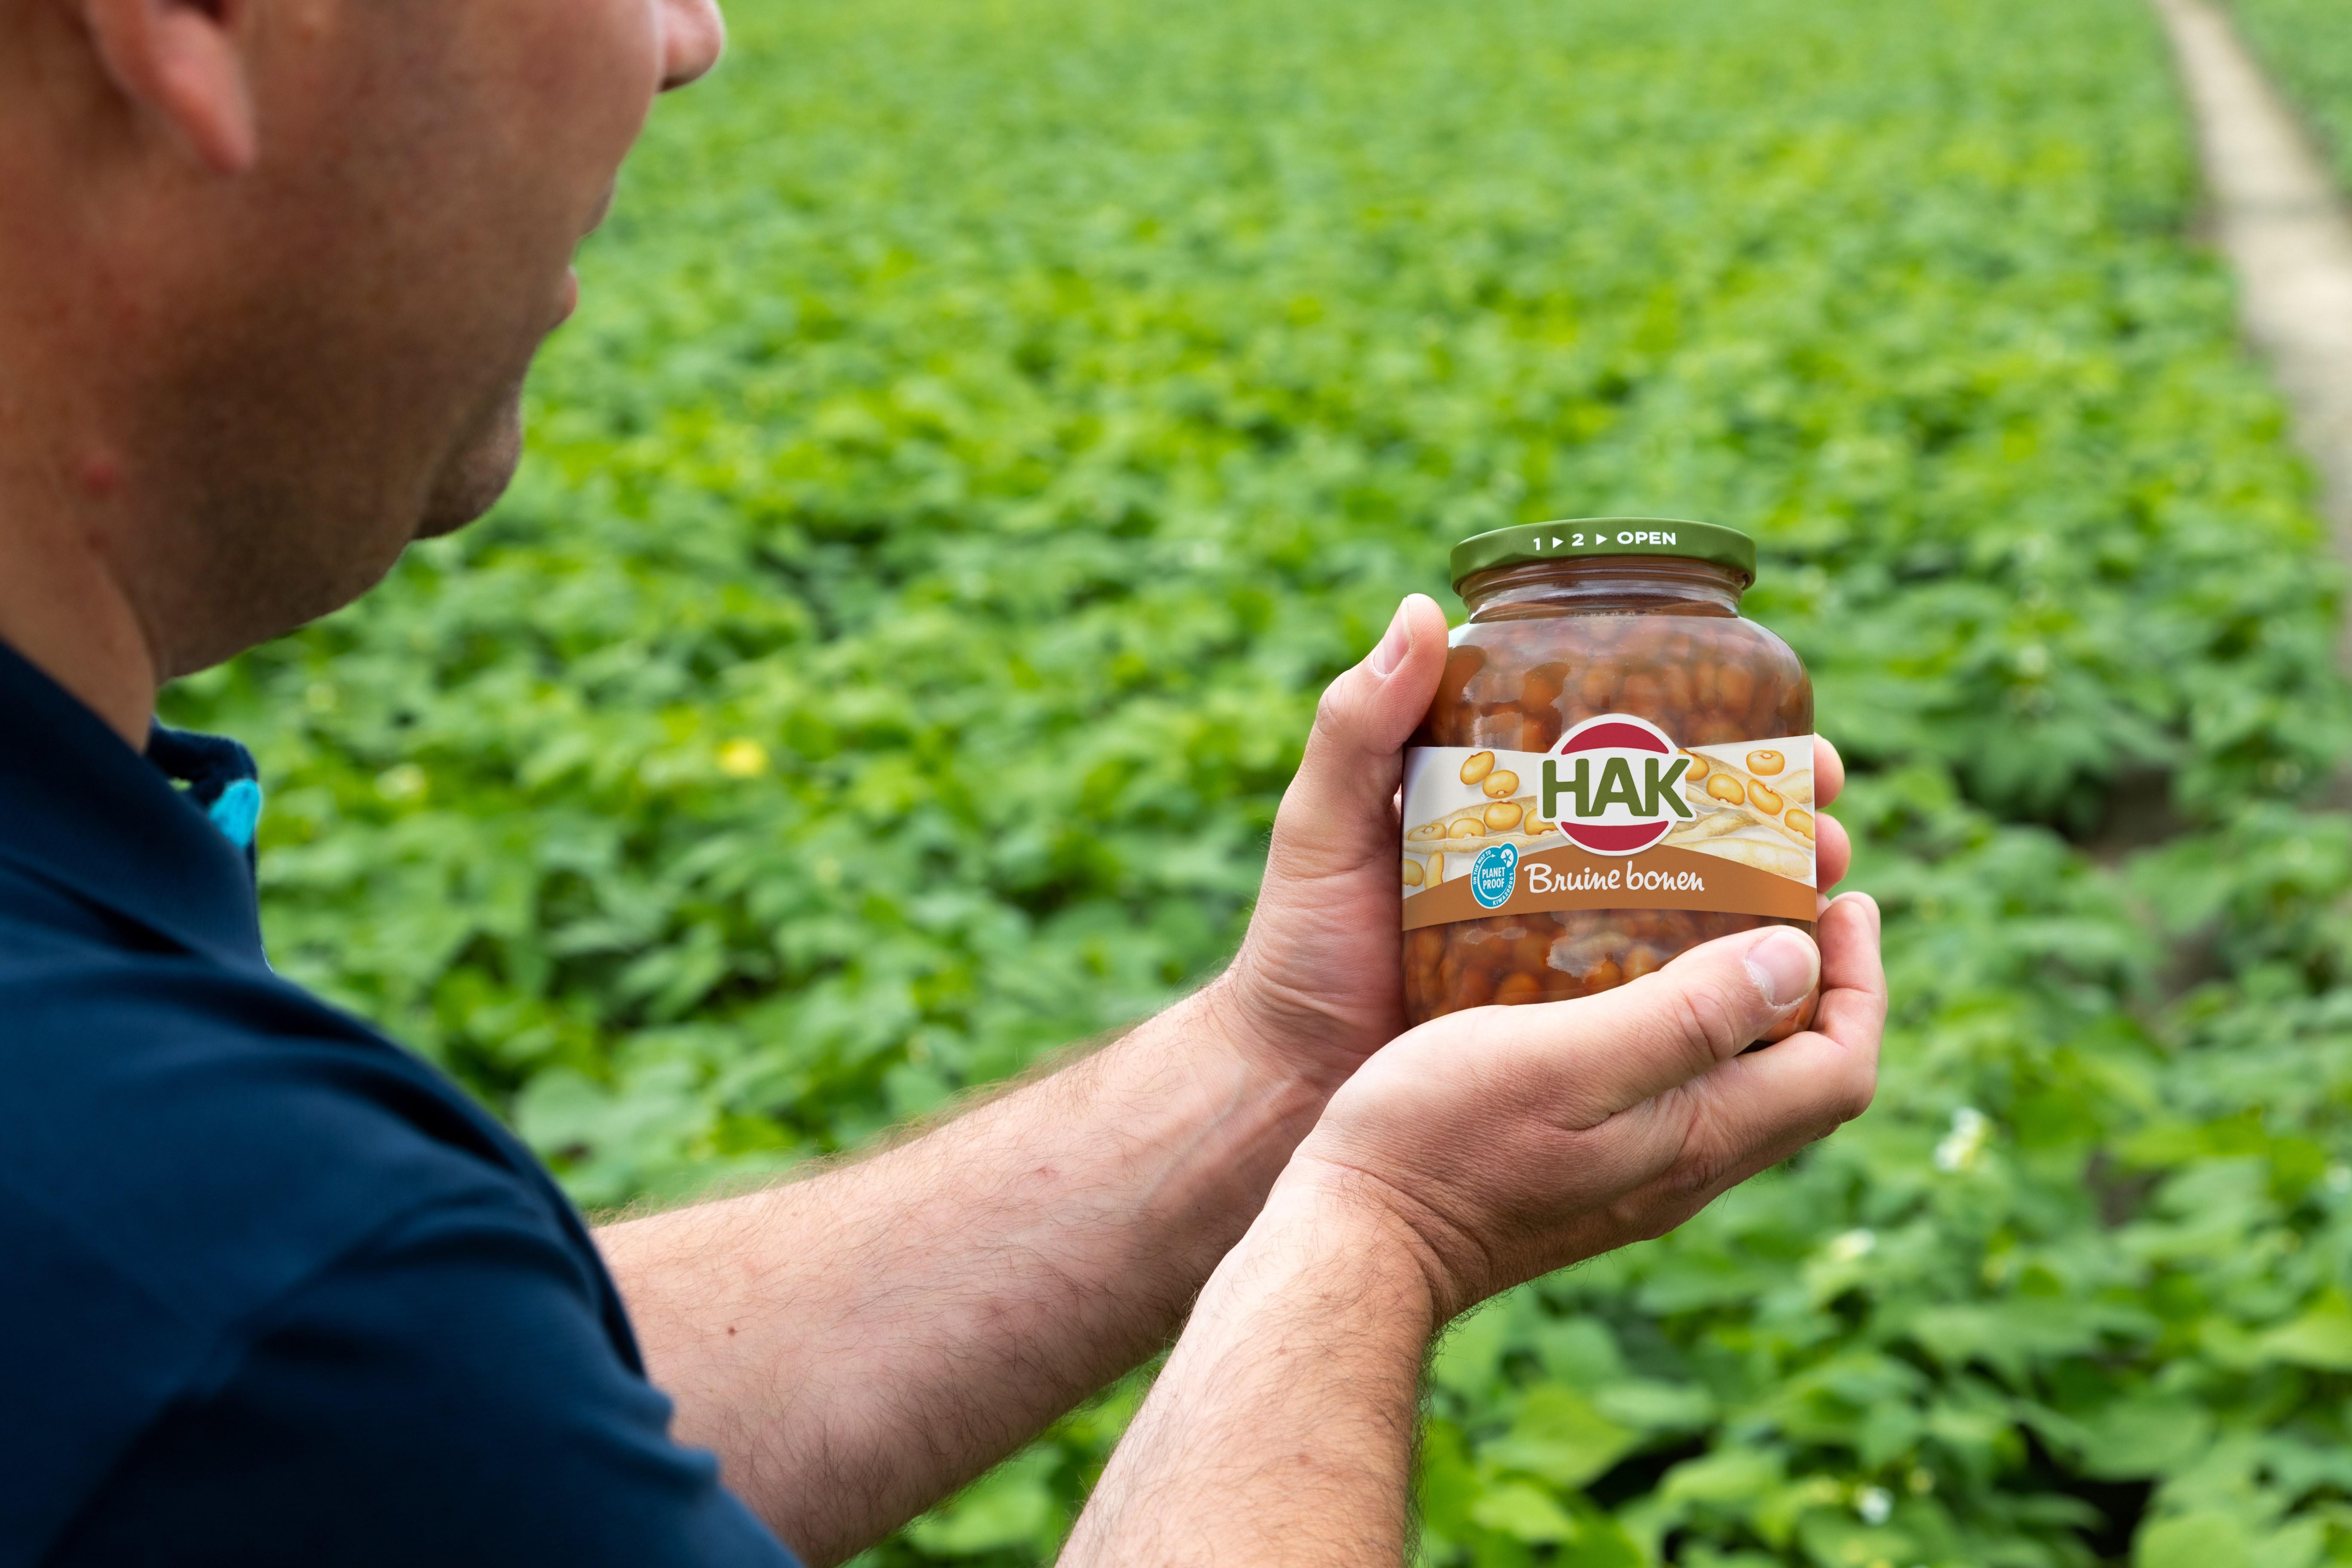 On the way to PlanetProof bruine bonen van HAK